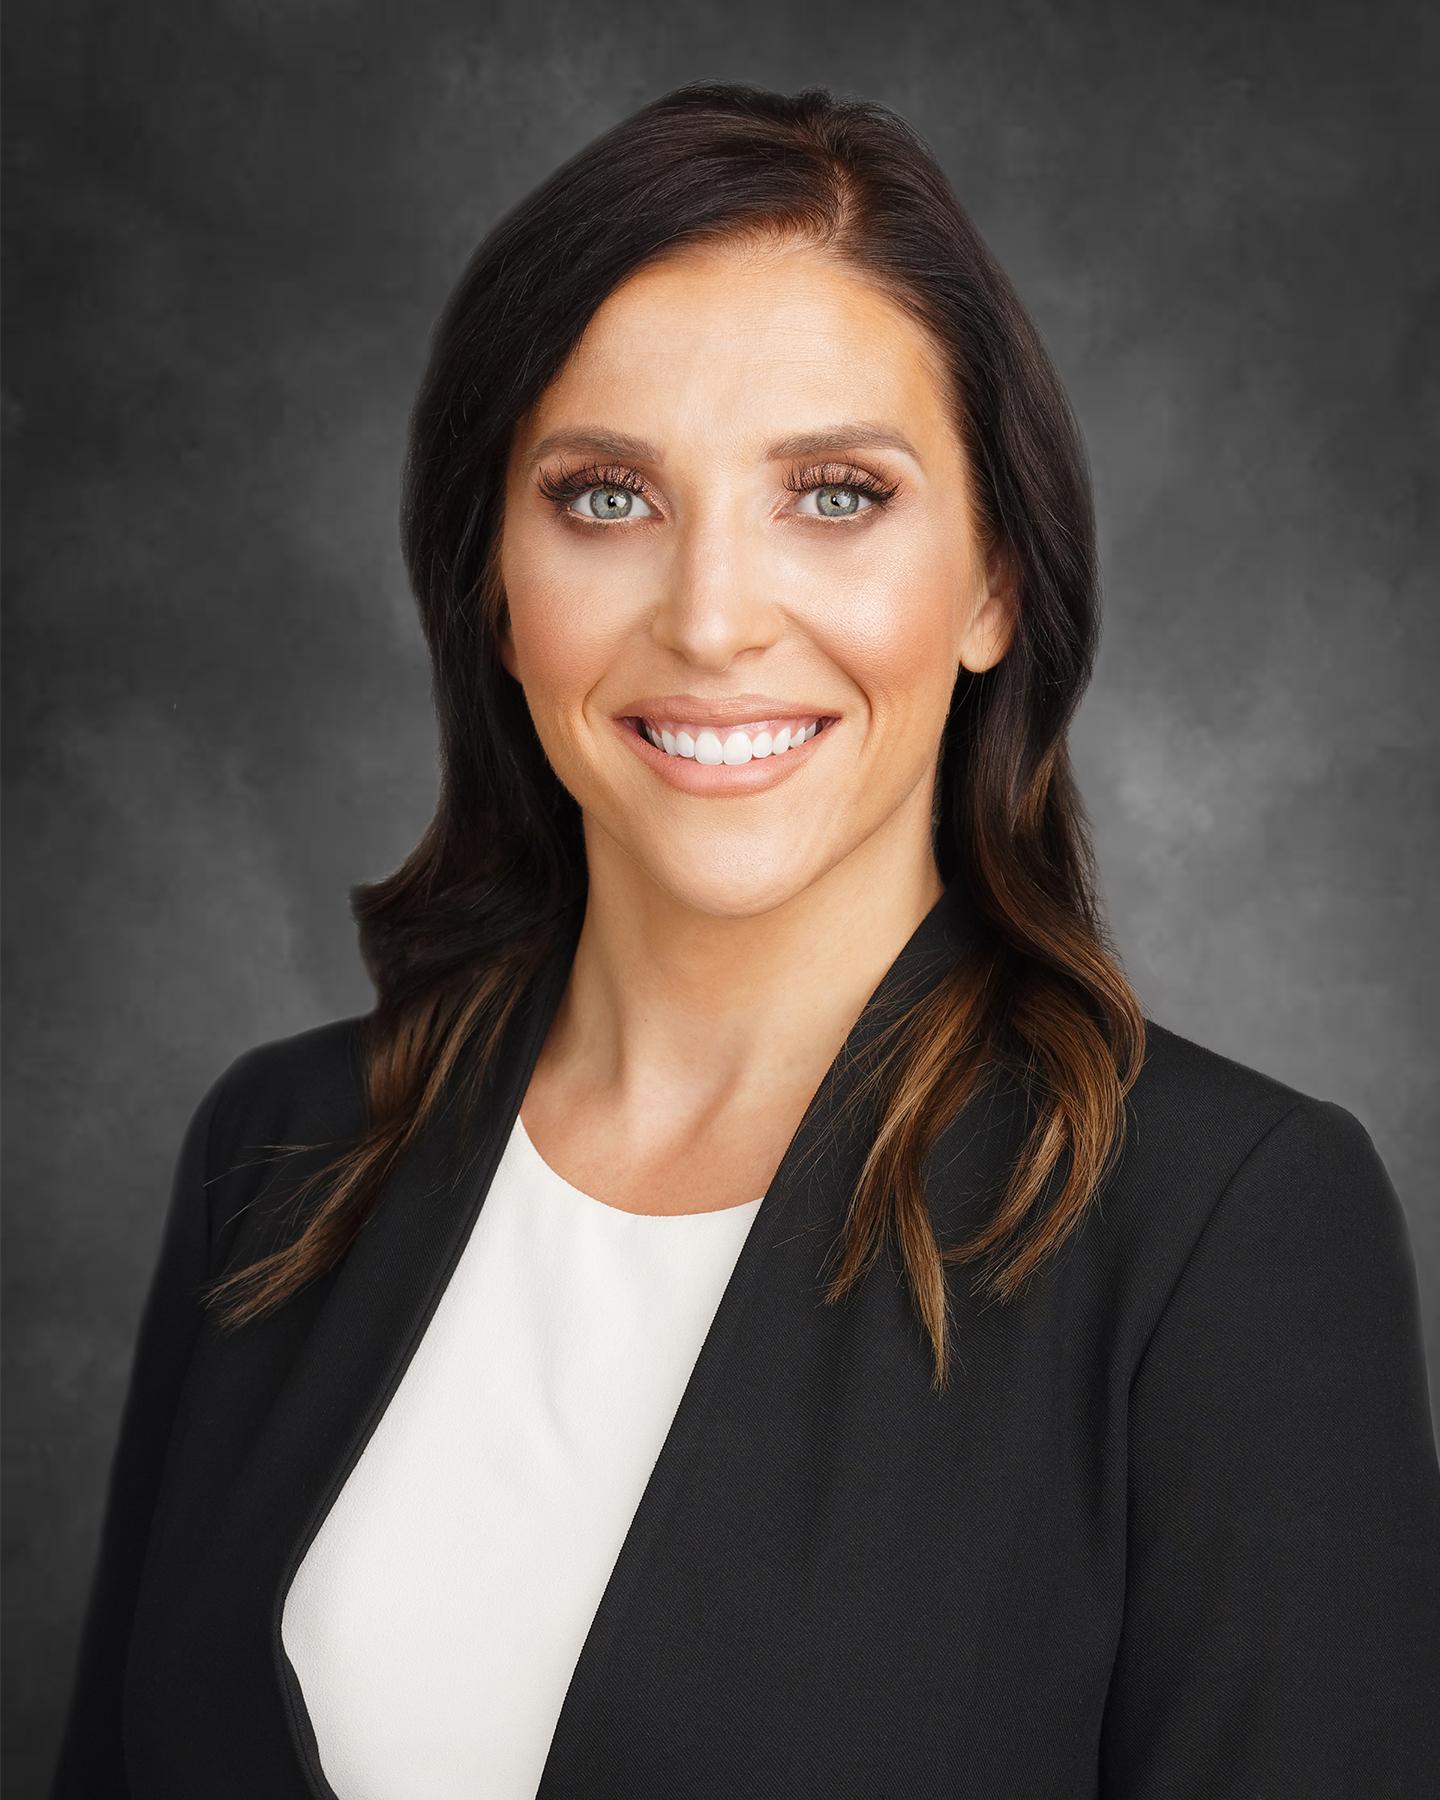 Shannon M. Wilson, Esq. | Associate (2021)